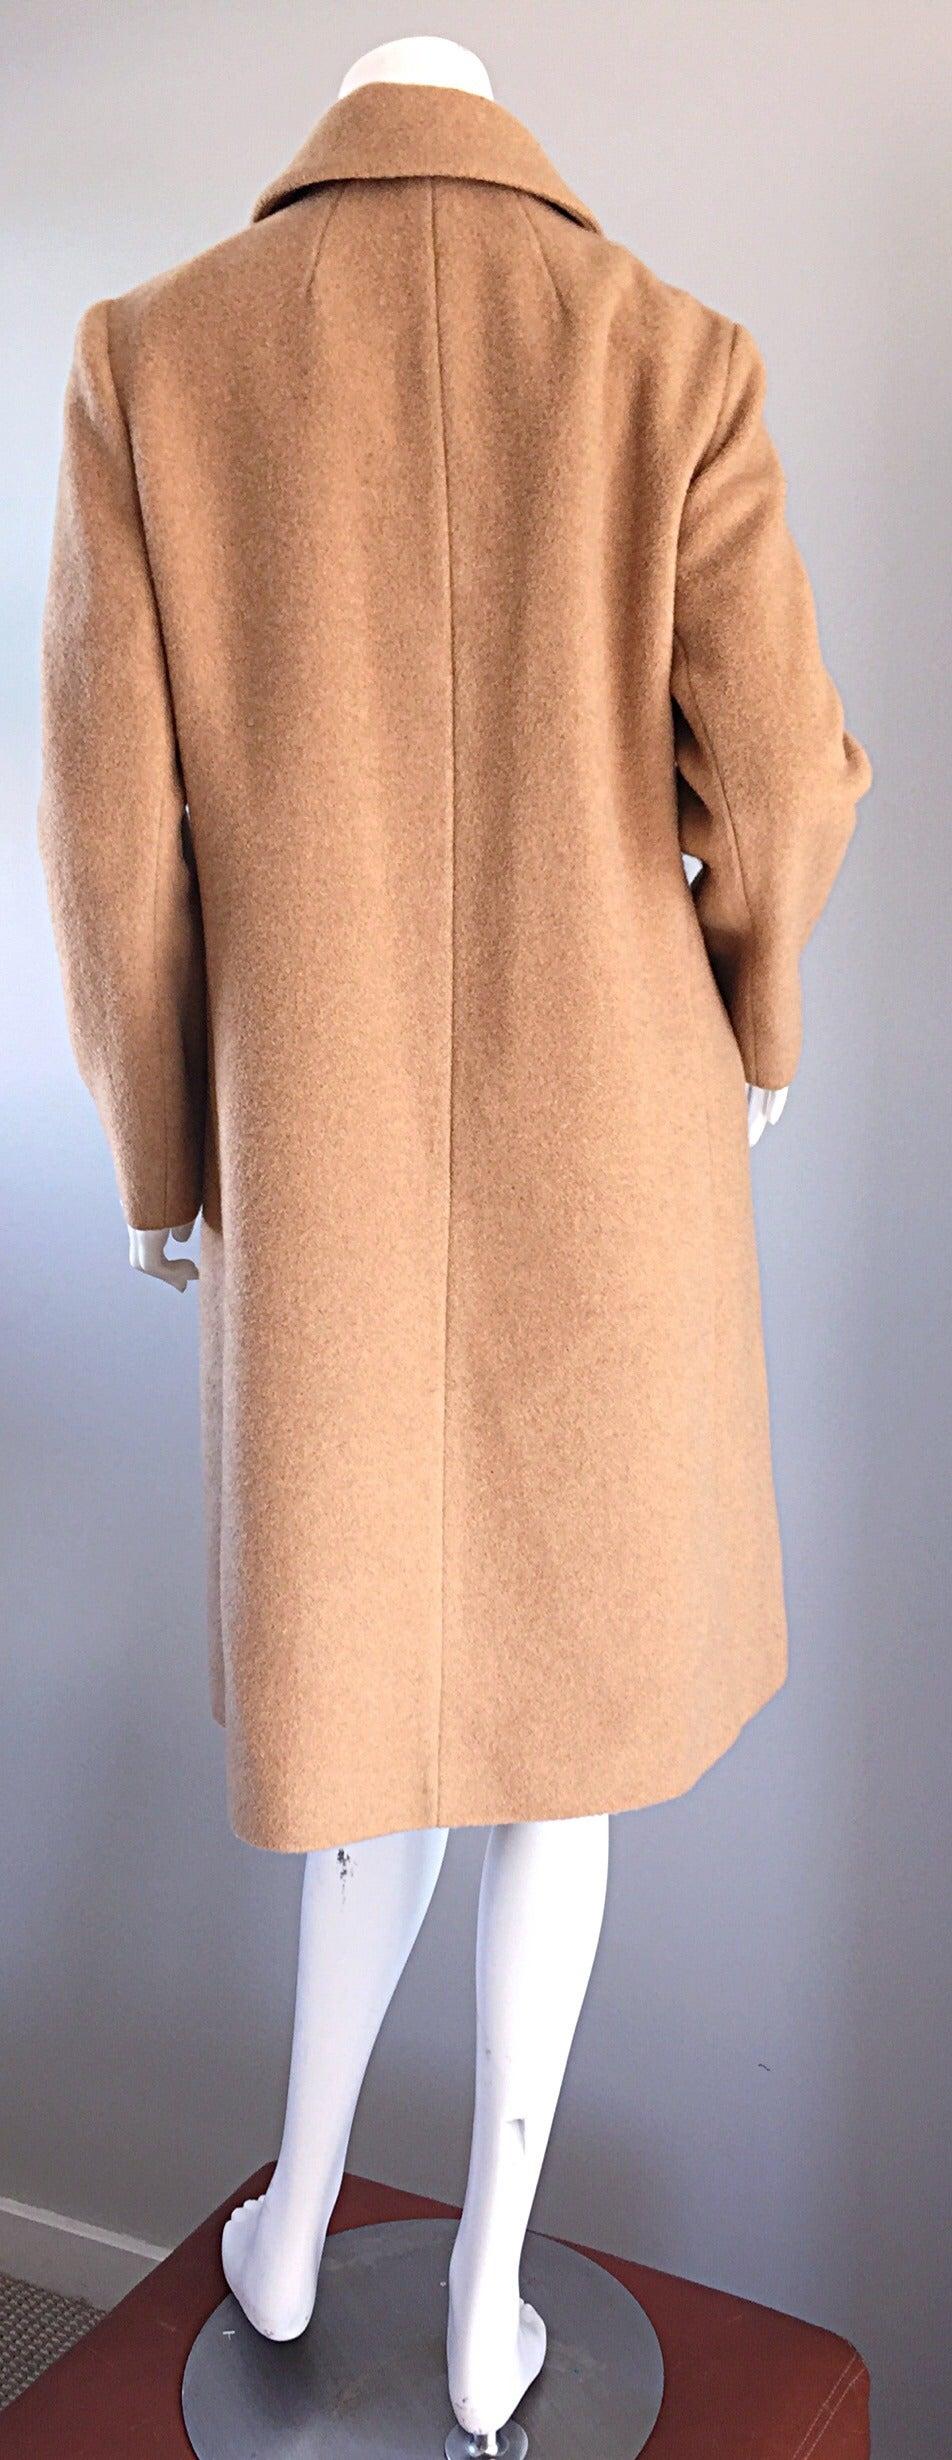 1960s Vintage Camels Hair 60s Designer Camel Coat Jacket 8